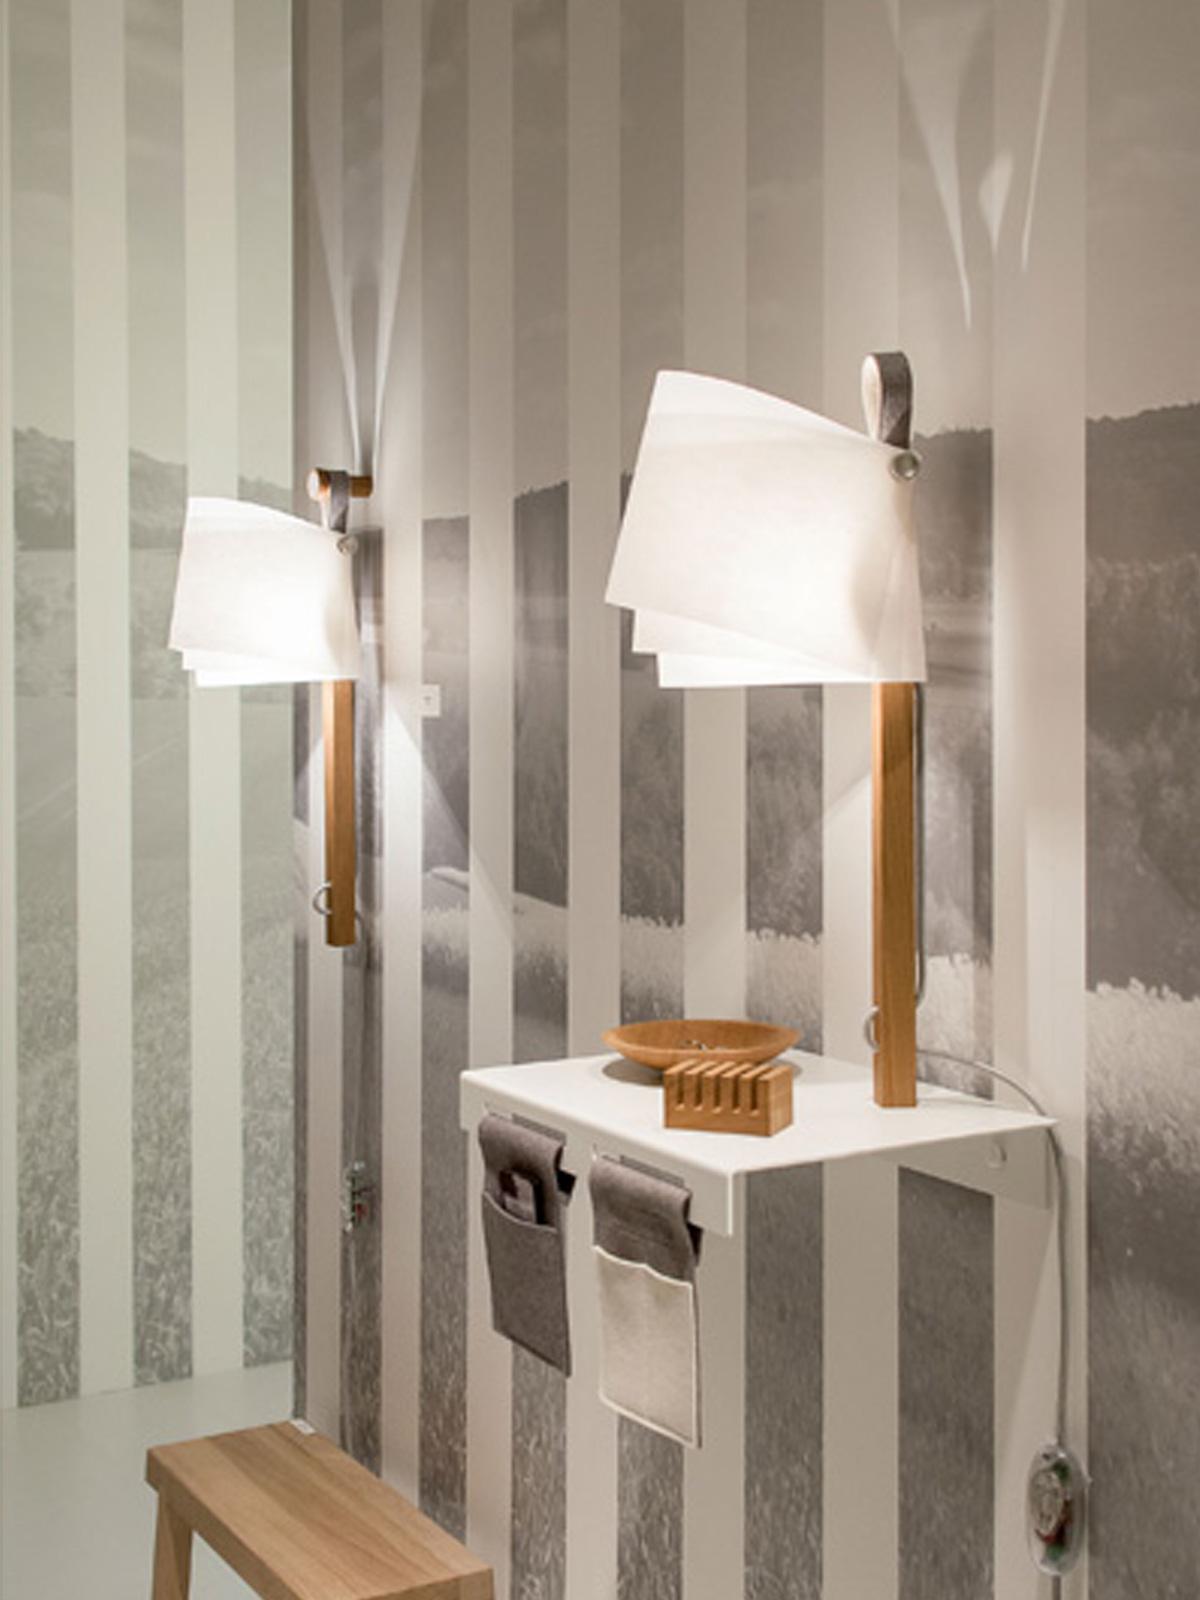 designerleuchten von domus 50 jahre licht zum wohnen lampen leuchten designerleuchten online. Black Bedroom Furniture Sets. Home Design Ideas